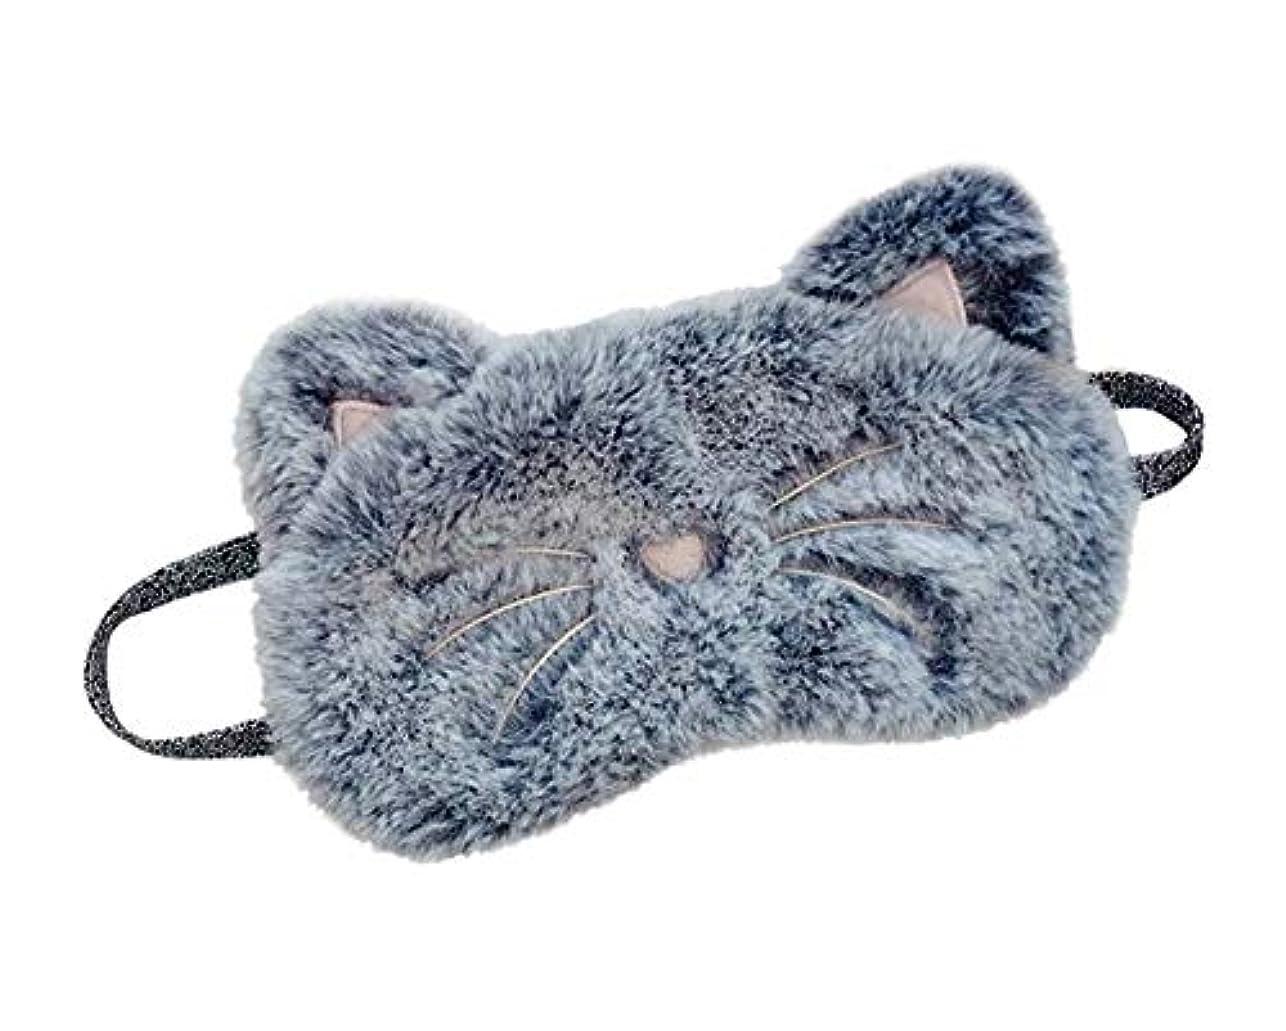 輝度に負ける洗うかわいい動物漫画猫睡眠アイマスクソフトアイカバー目隠しマスク